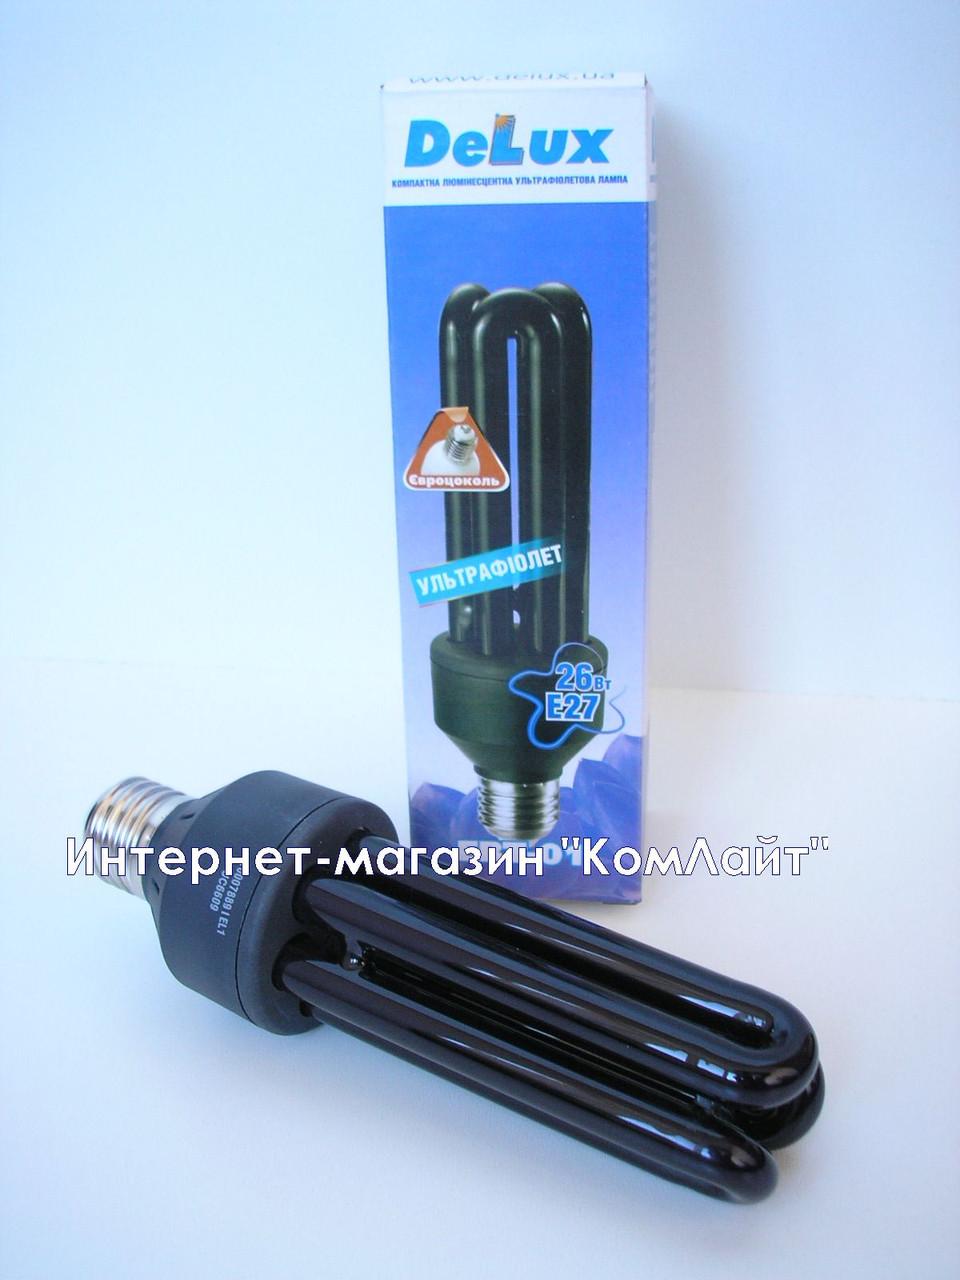 Ультрафиолетовая лампа DELUX EBT-01 26W Е27 (Китай)